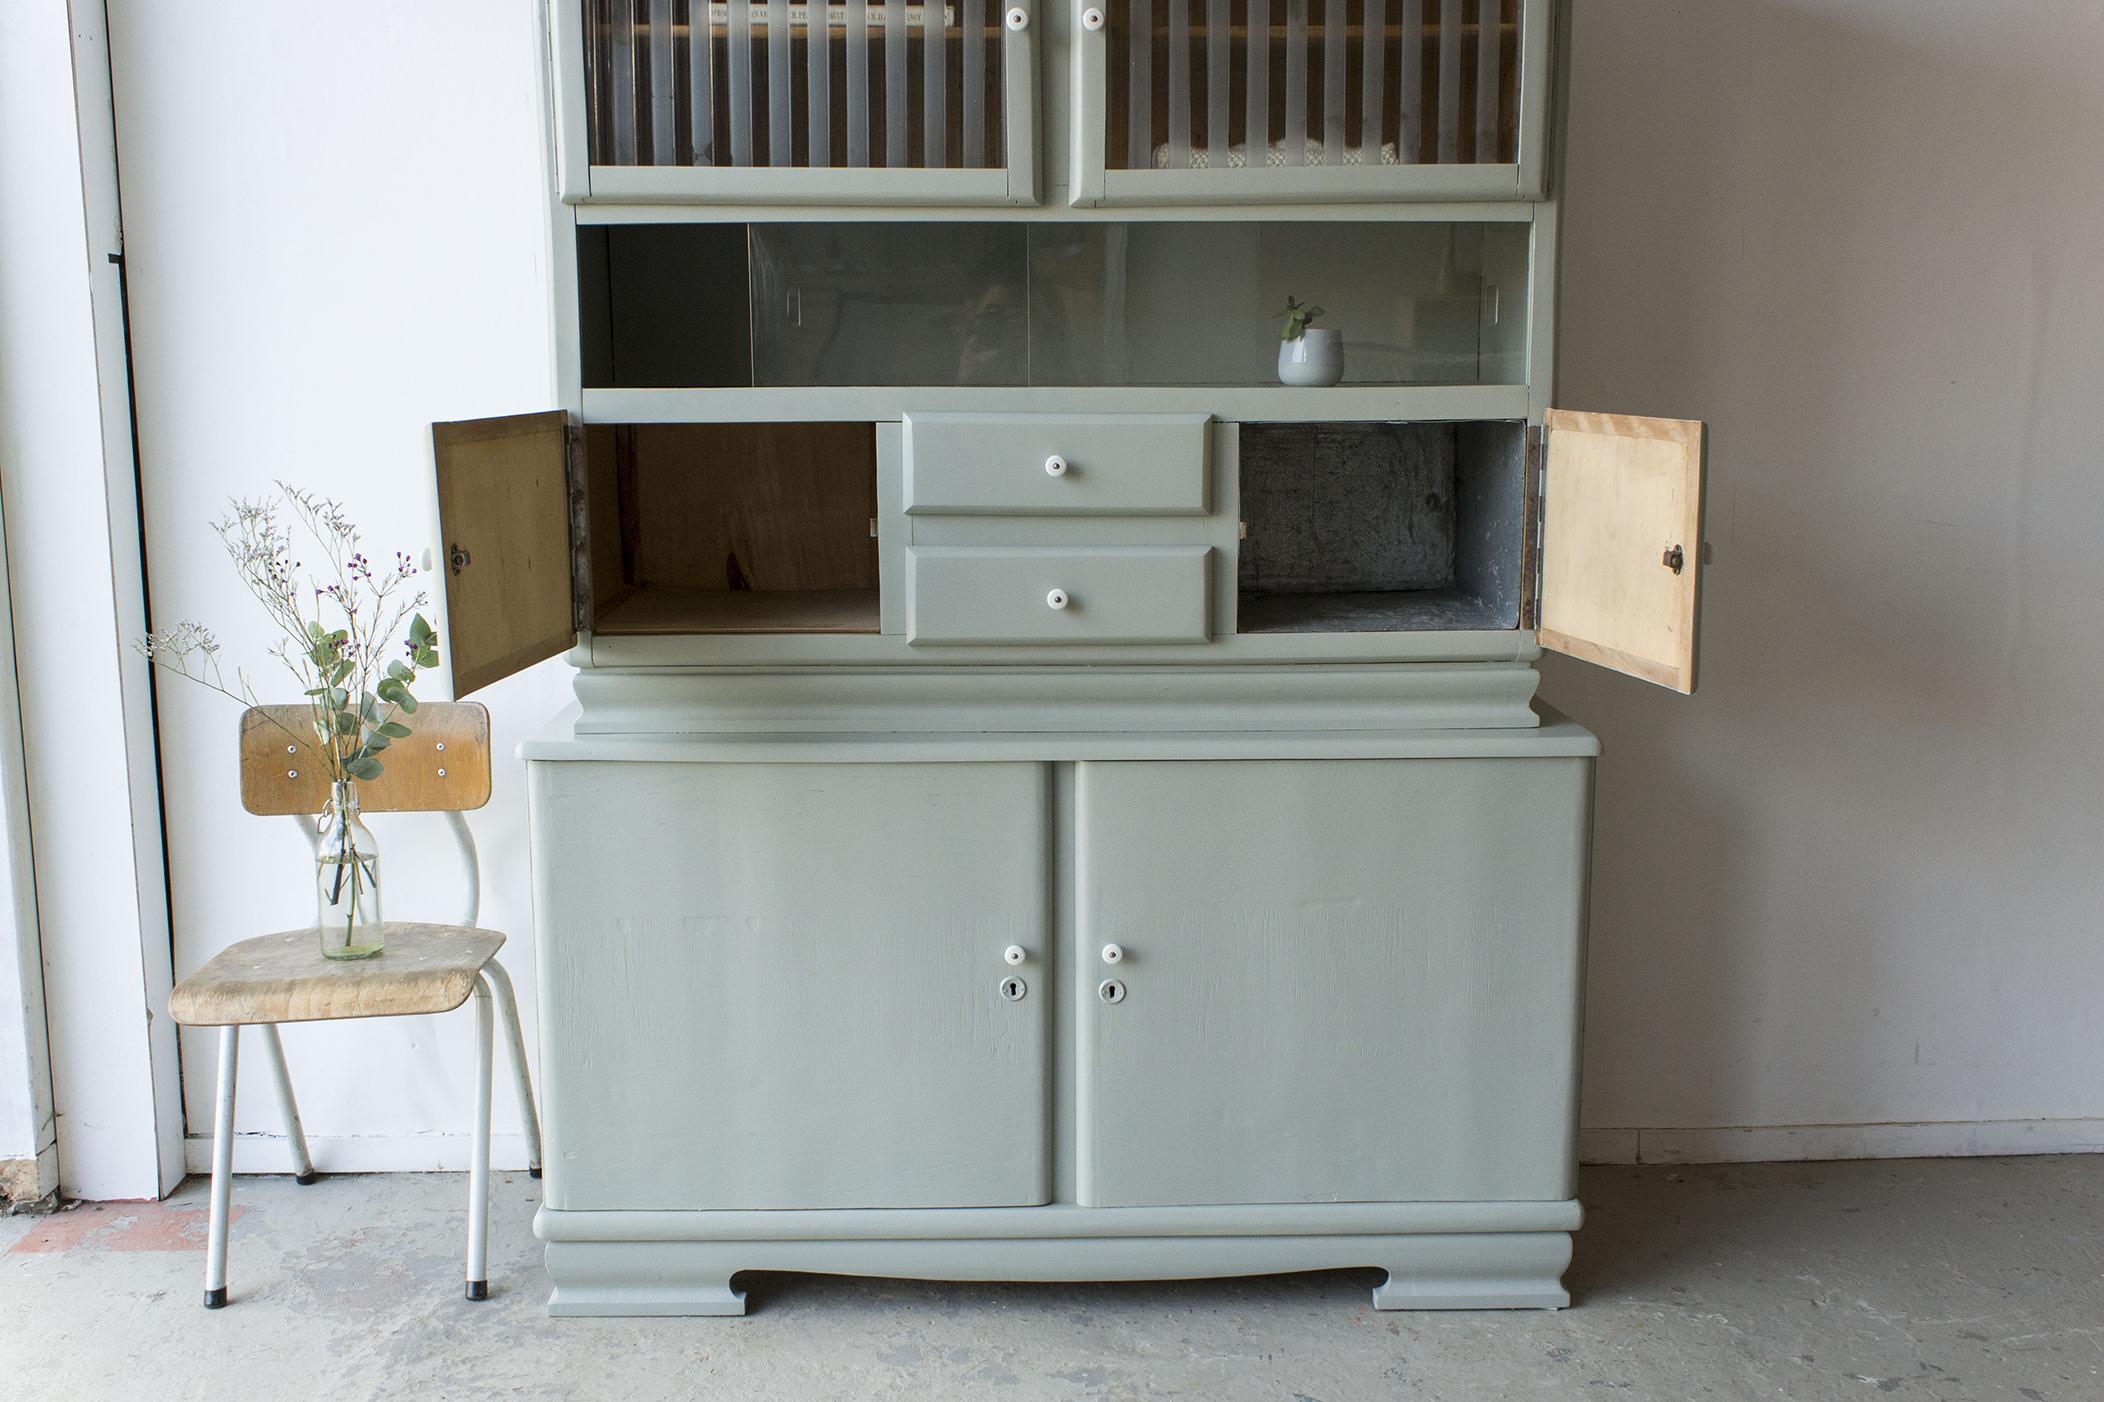 _Grijsgroene vintage keukenkast met ruitjes -  Firma zoethout_3.jpg